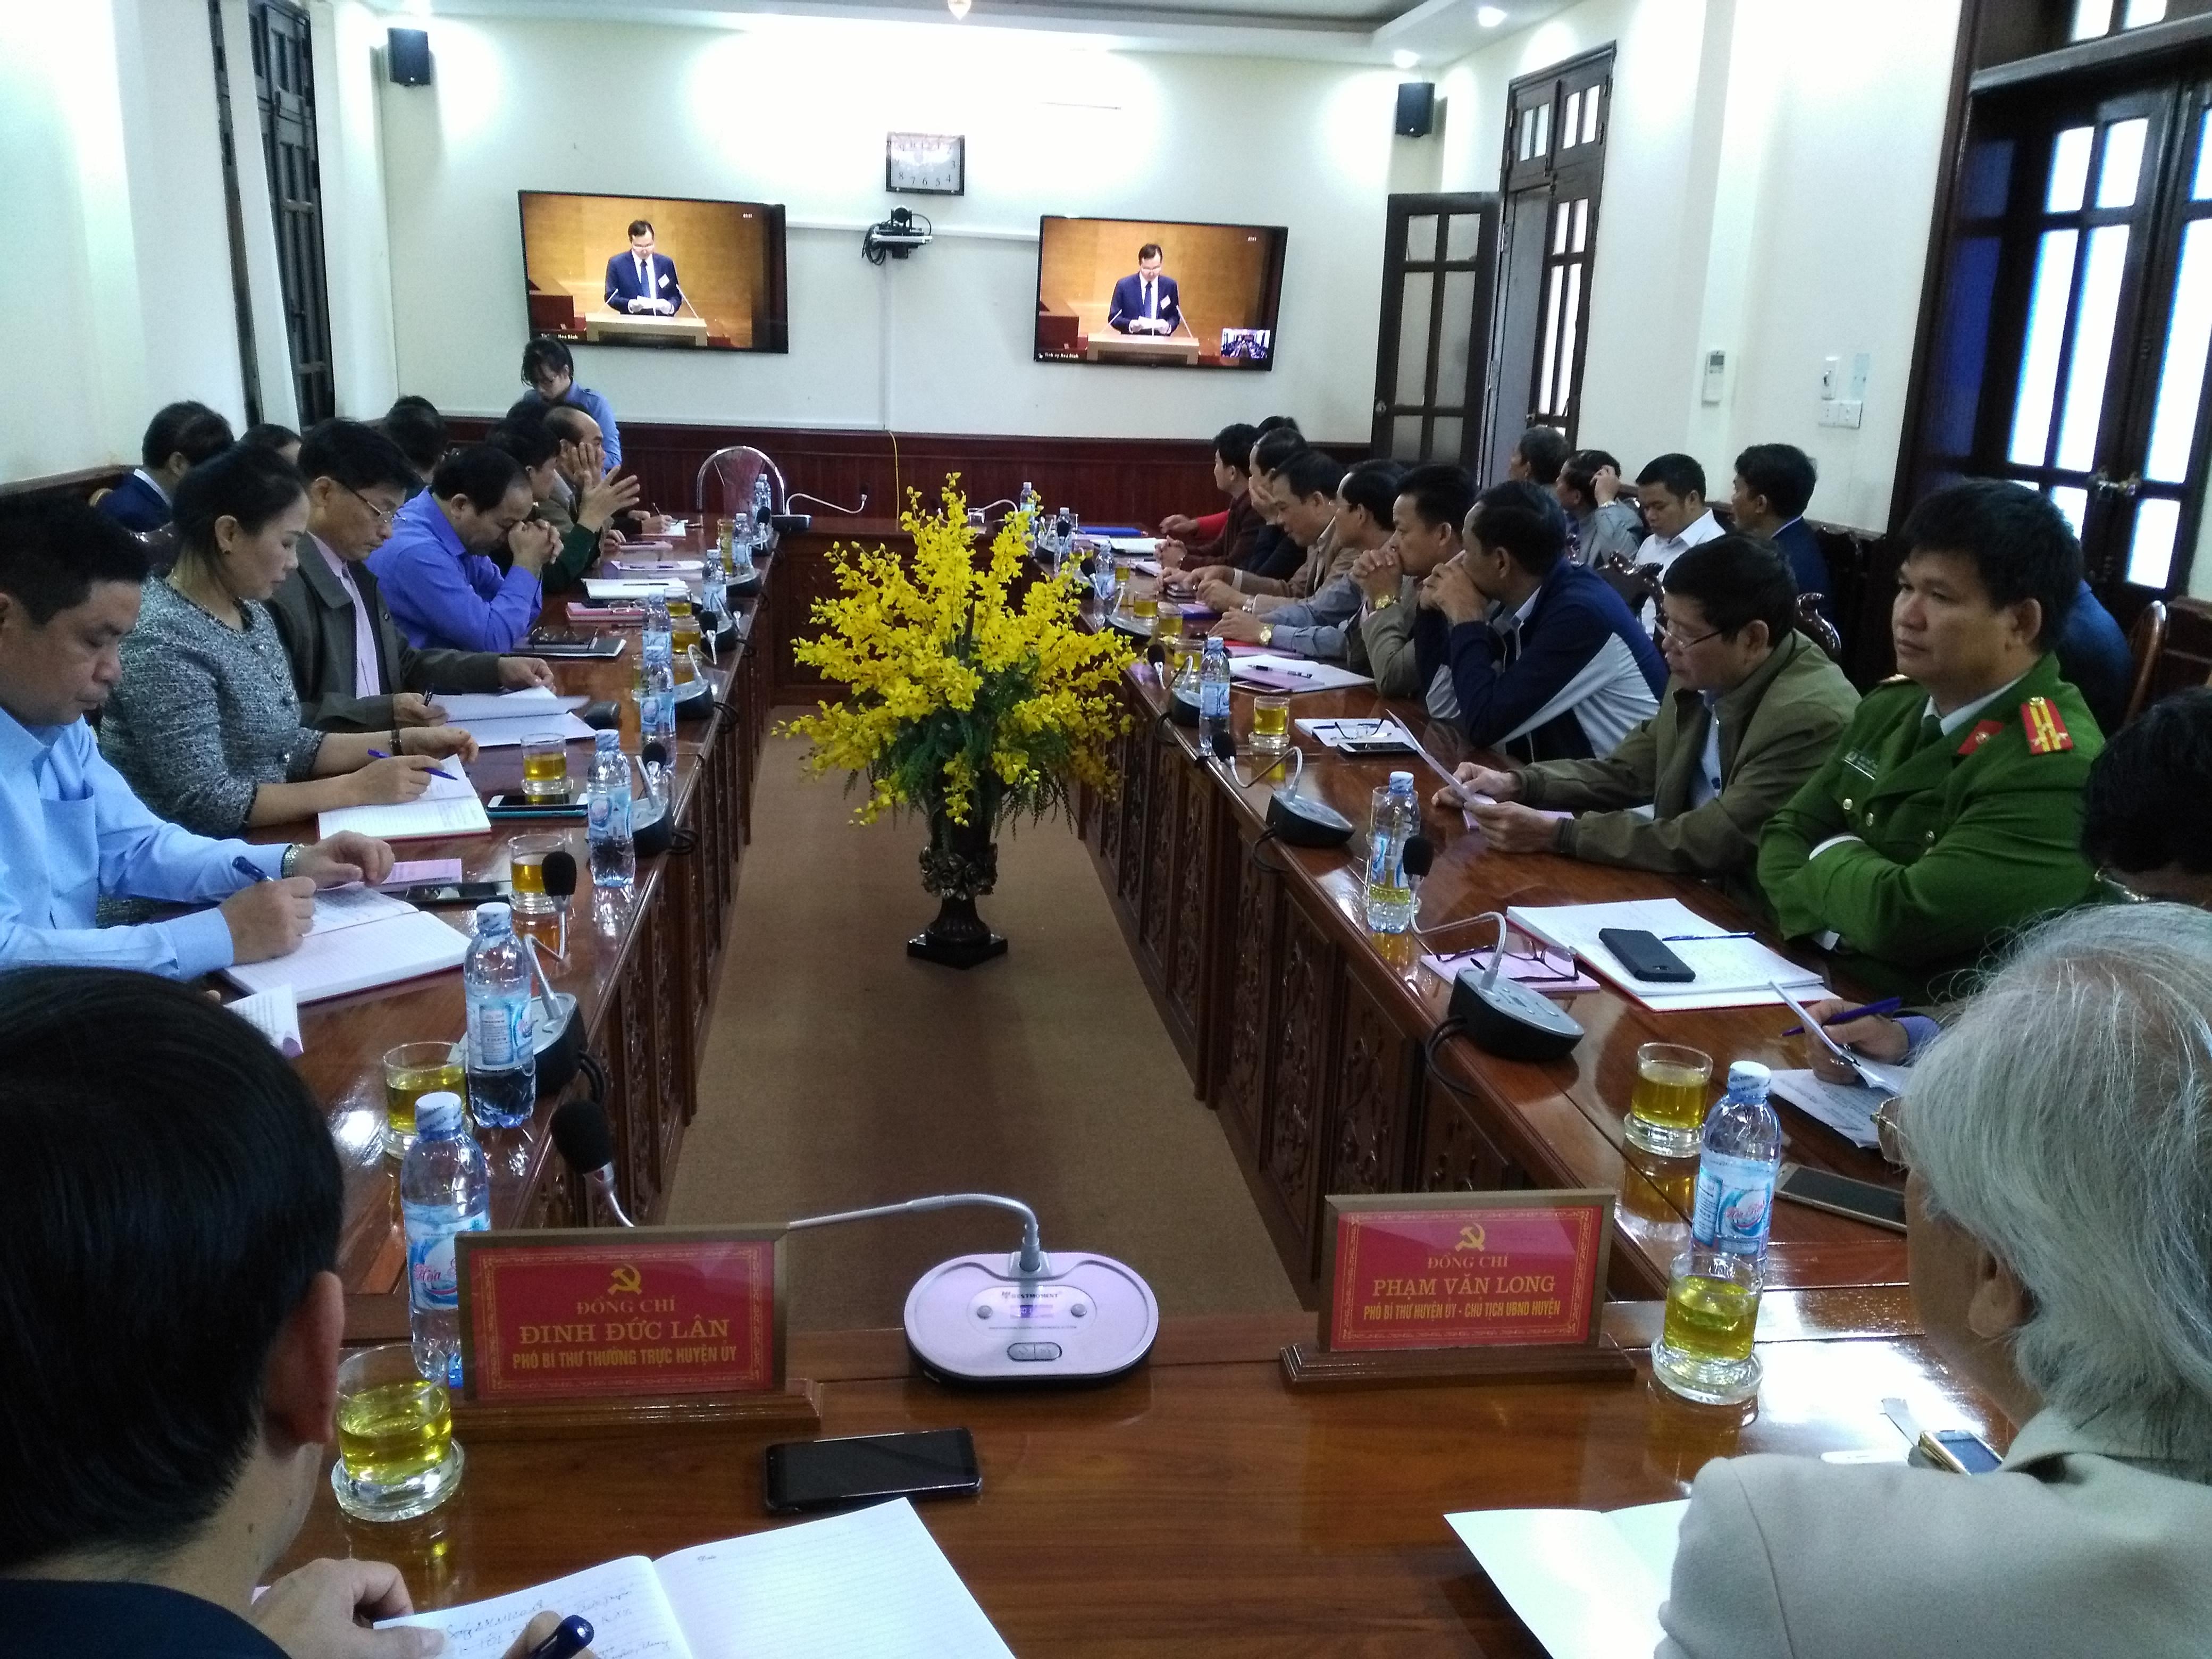 Hội nghị trực tuyến toàn quốc học tập, quán triệt, triển khai các nội dung Hội nghị Trung ương 8